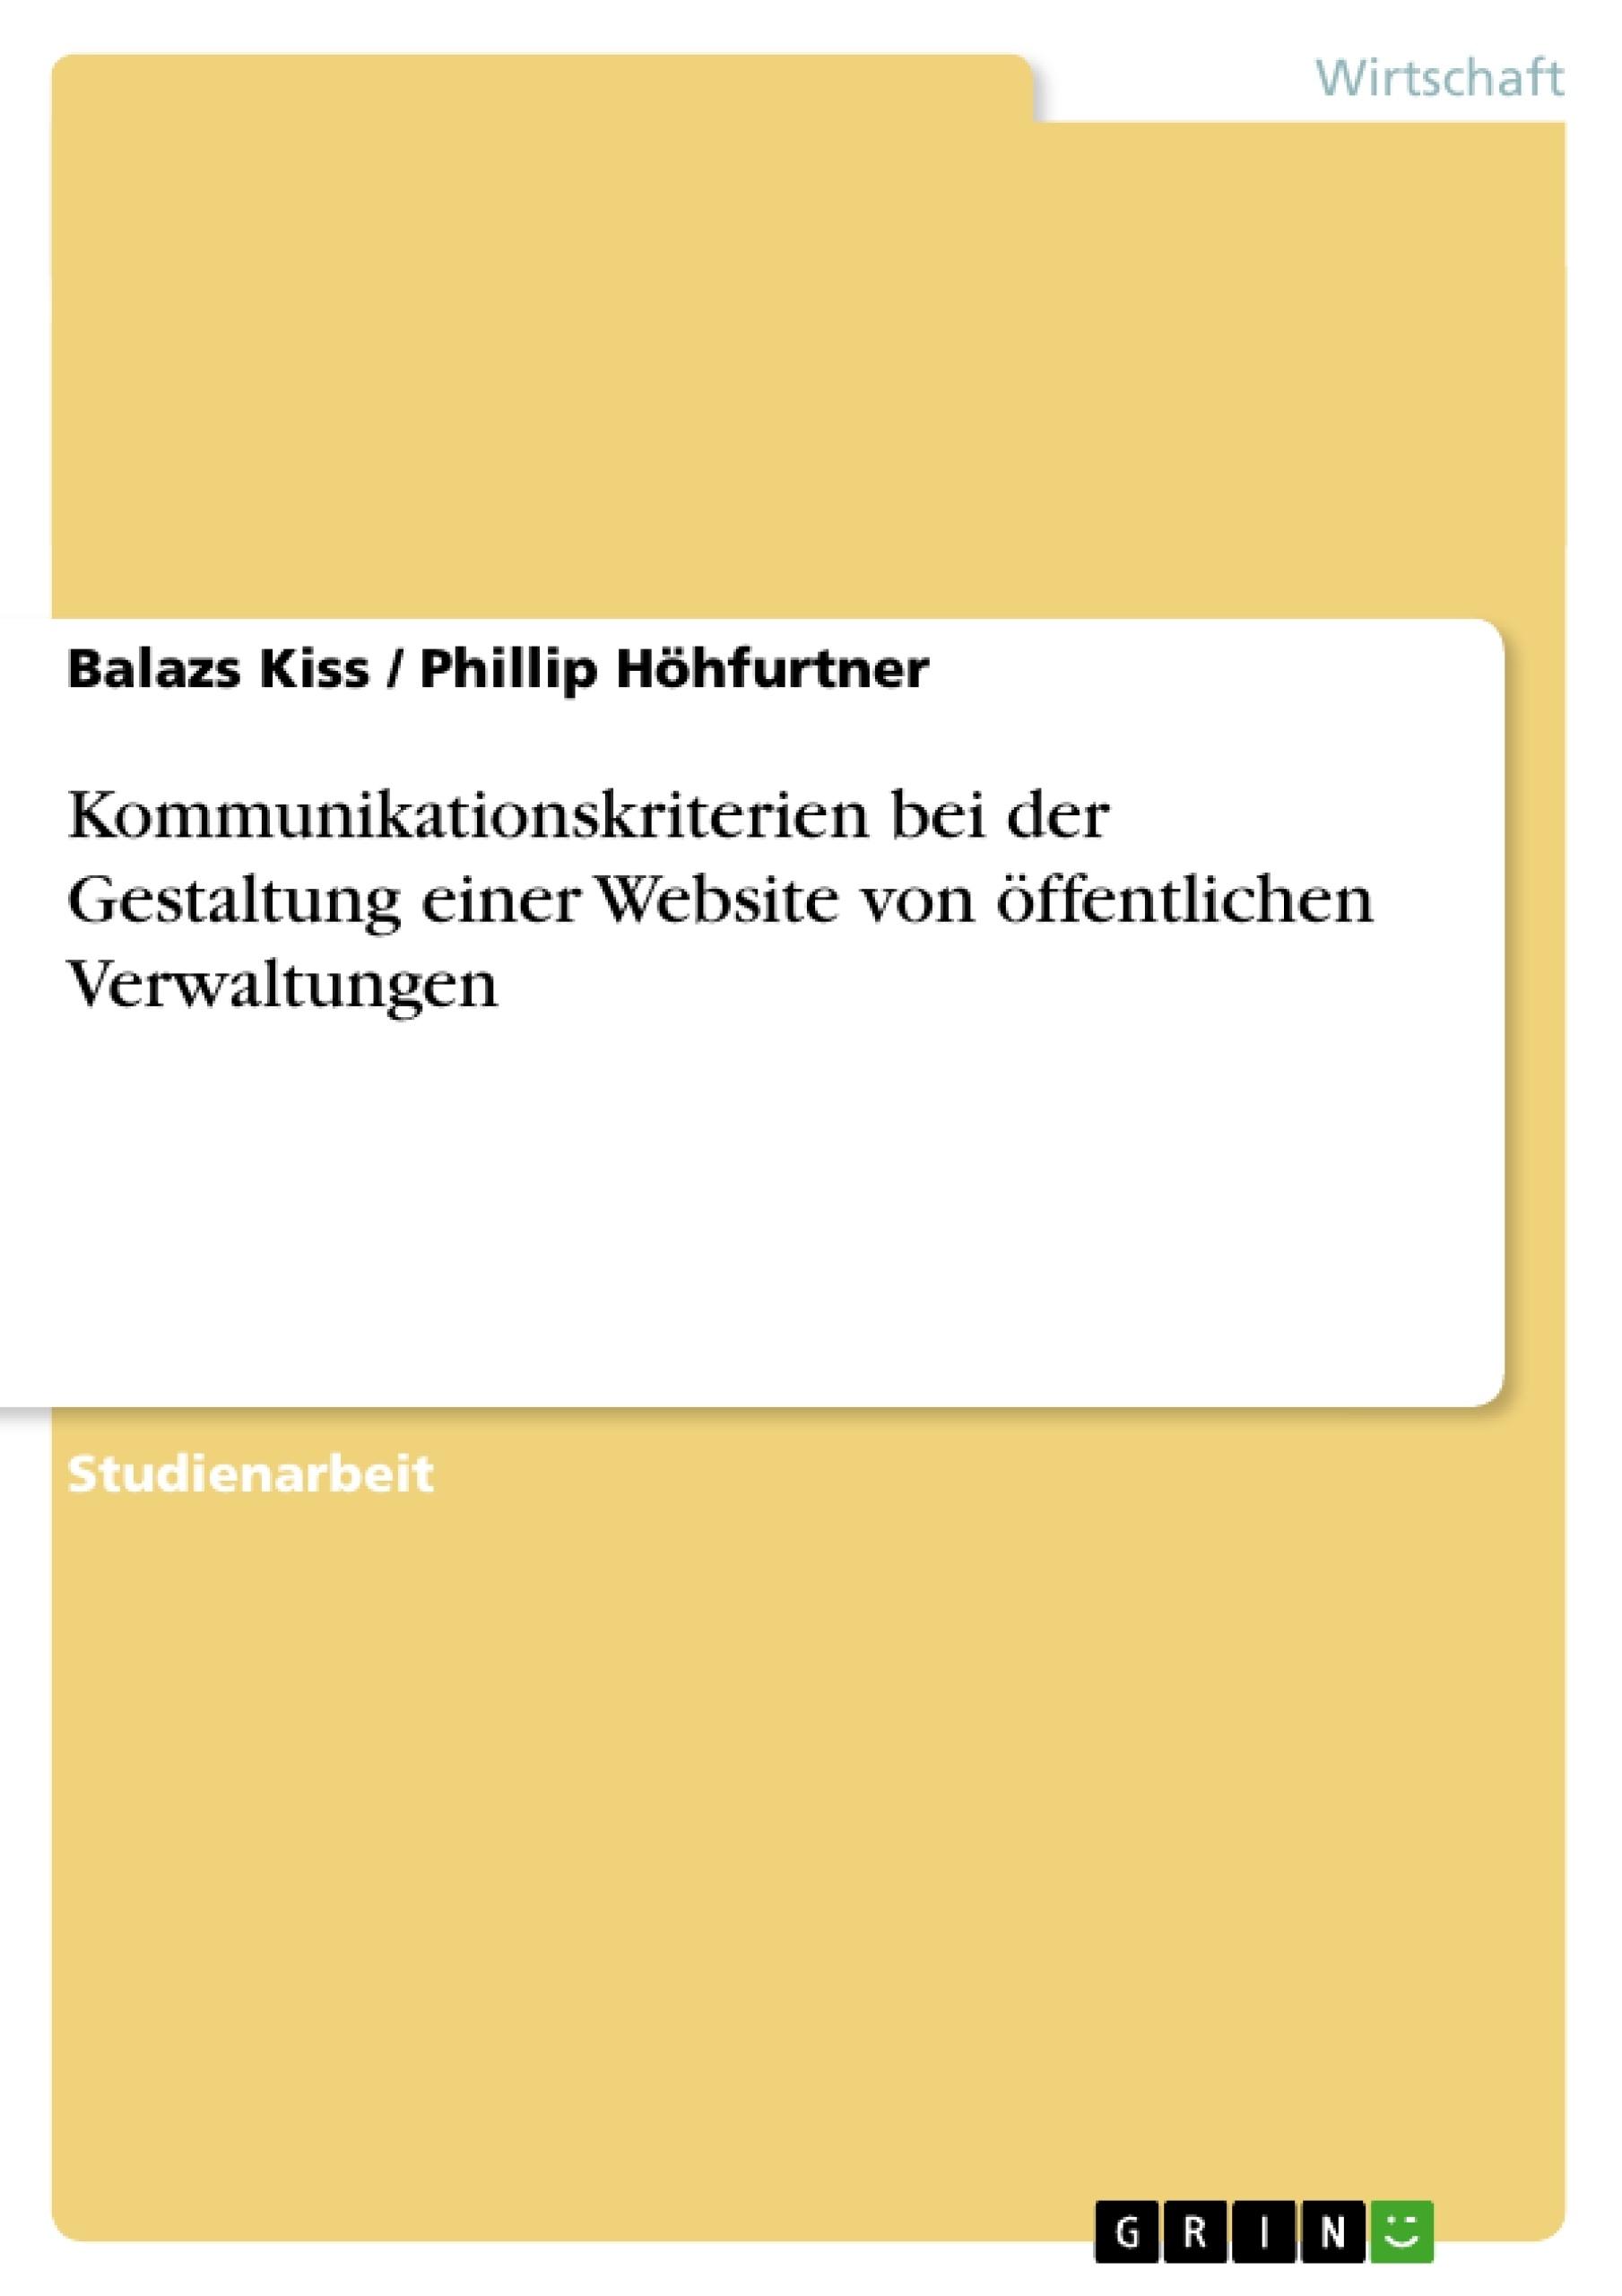 Titel: Kommunikationskriterien bei der Gestaltung einer Website von öffentlichen Verwaltungen